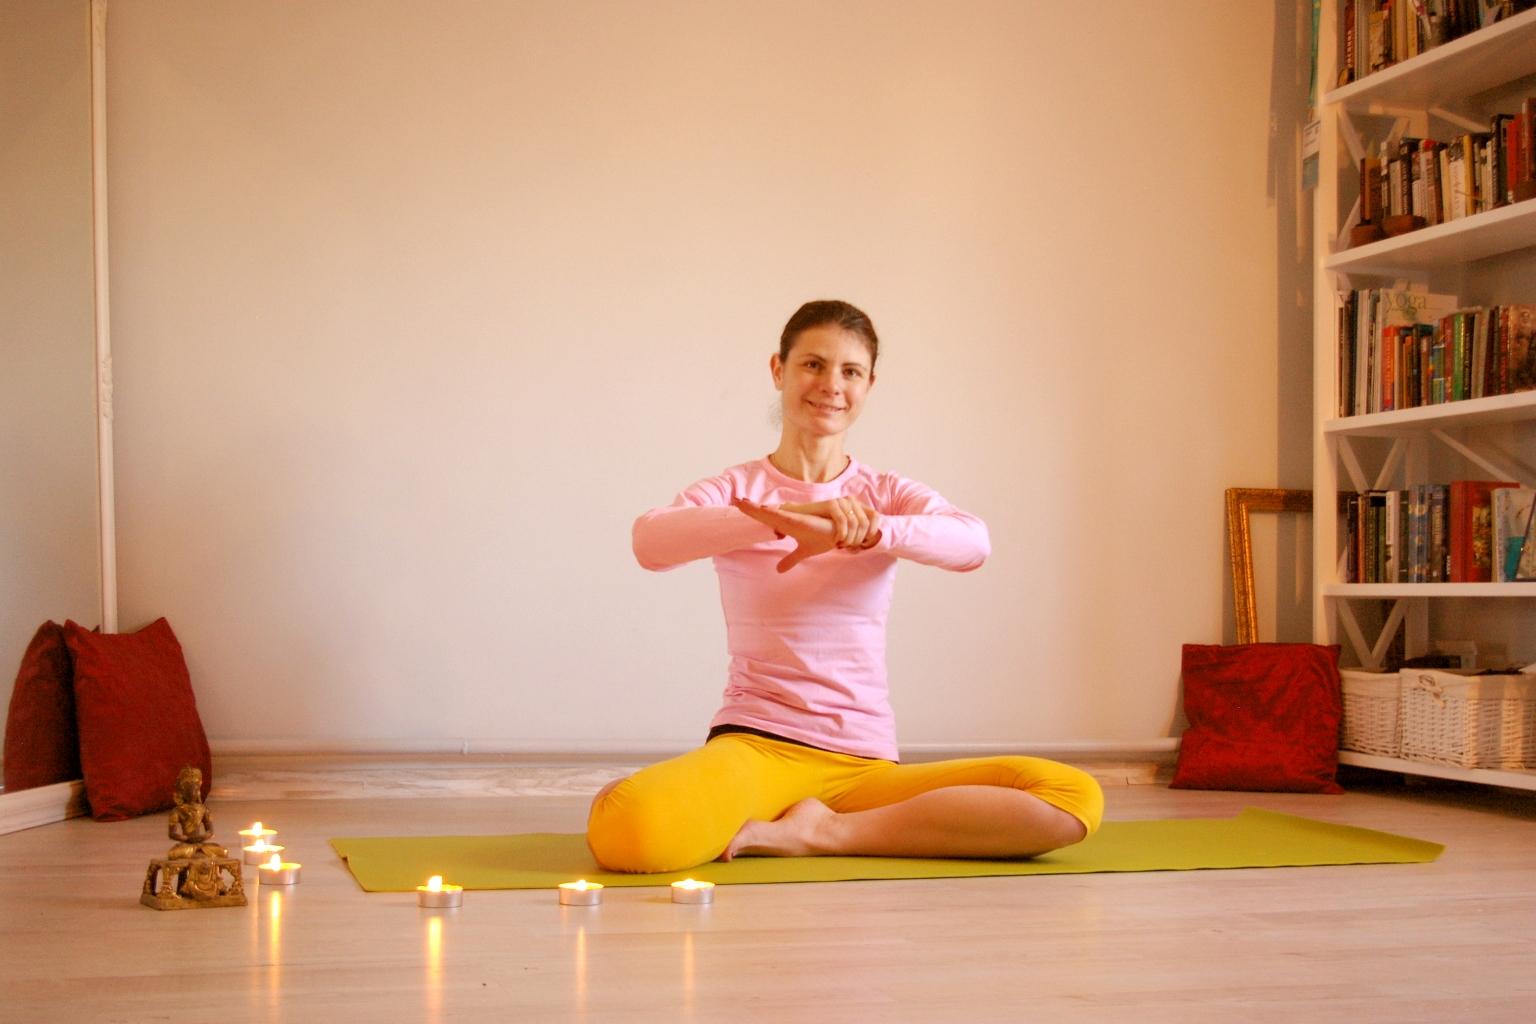 Лечение бессонницы и нарушения сна. йога как лекарство от бессонницы | smartyoga: йога для здоровья и йогатерапия в москве